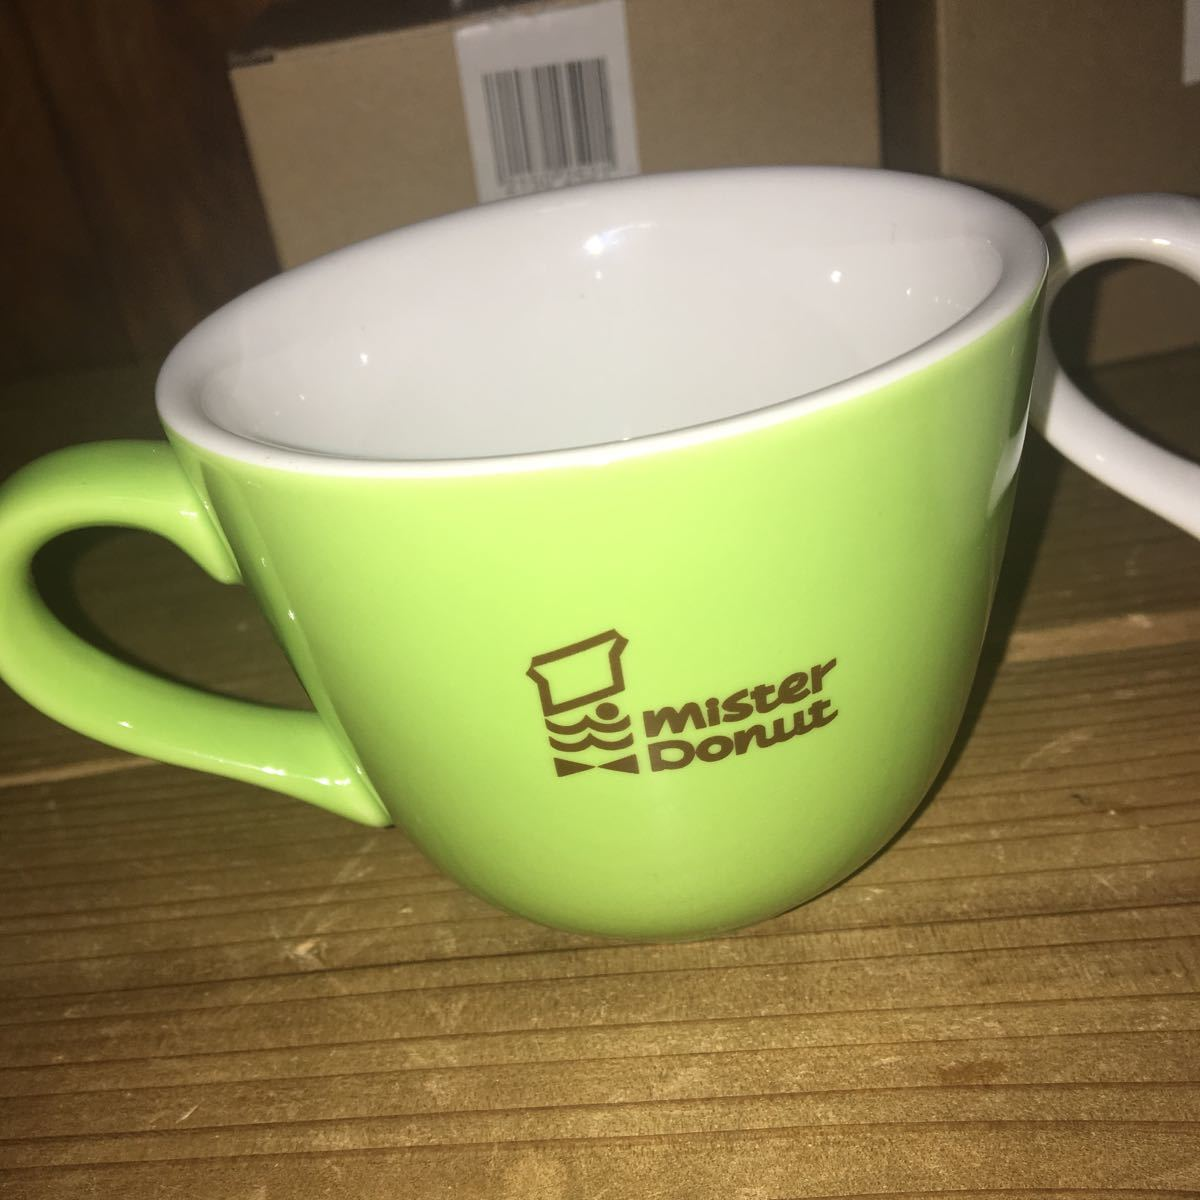 未使用 陶器製 ミスタードーナツ マグカップ 2個 セット 検索 ミスド ドーナッツ 非売品 グッズ 企業物 ノベルティ マグ コップ_画像6